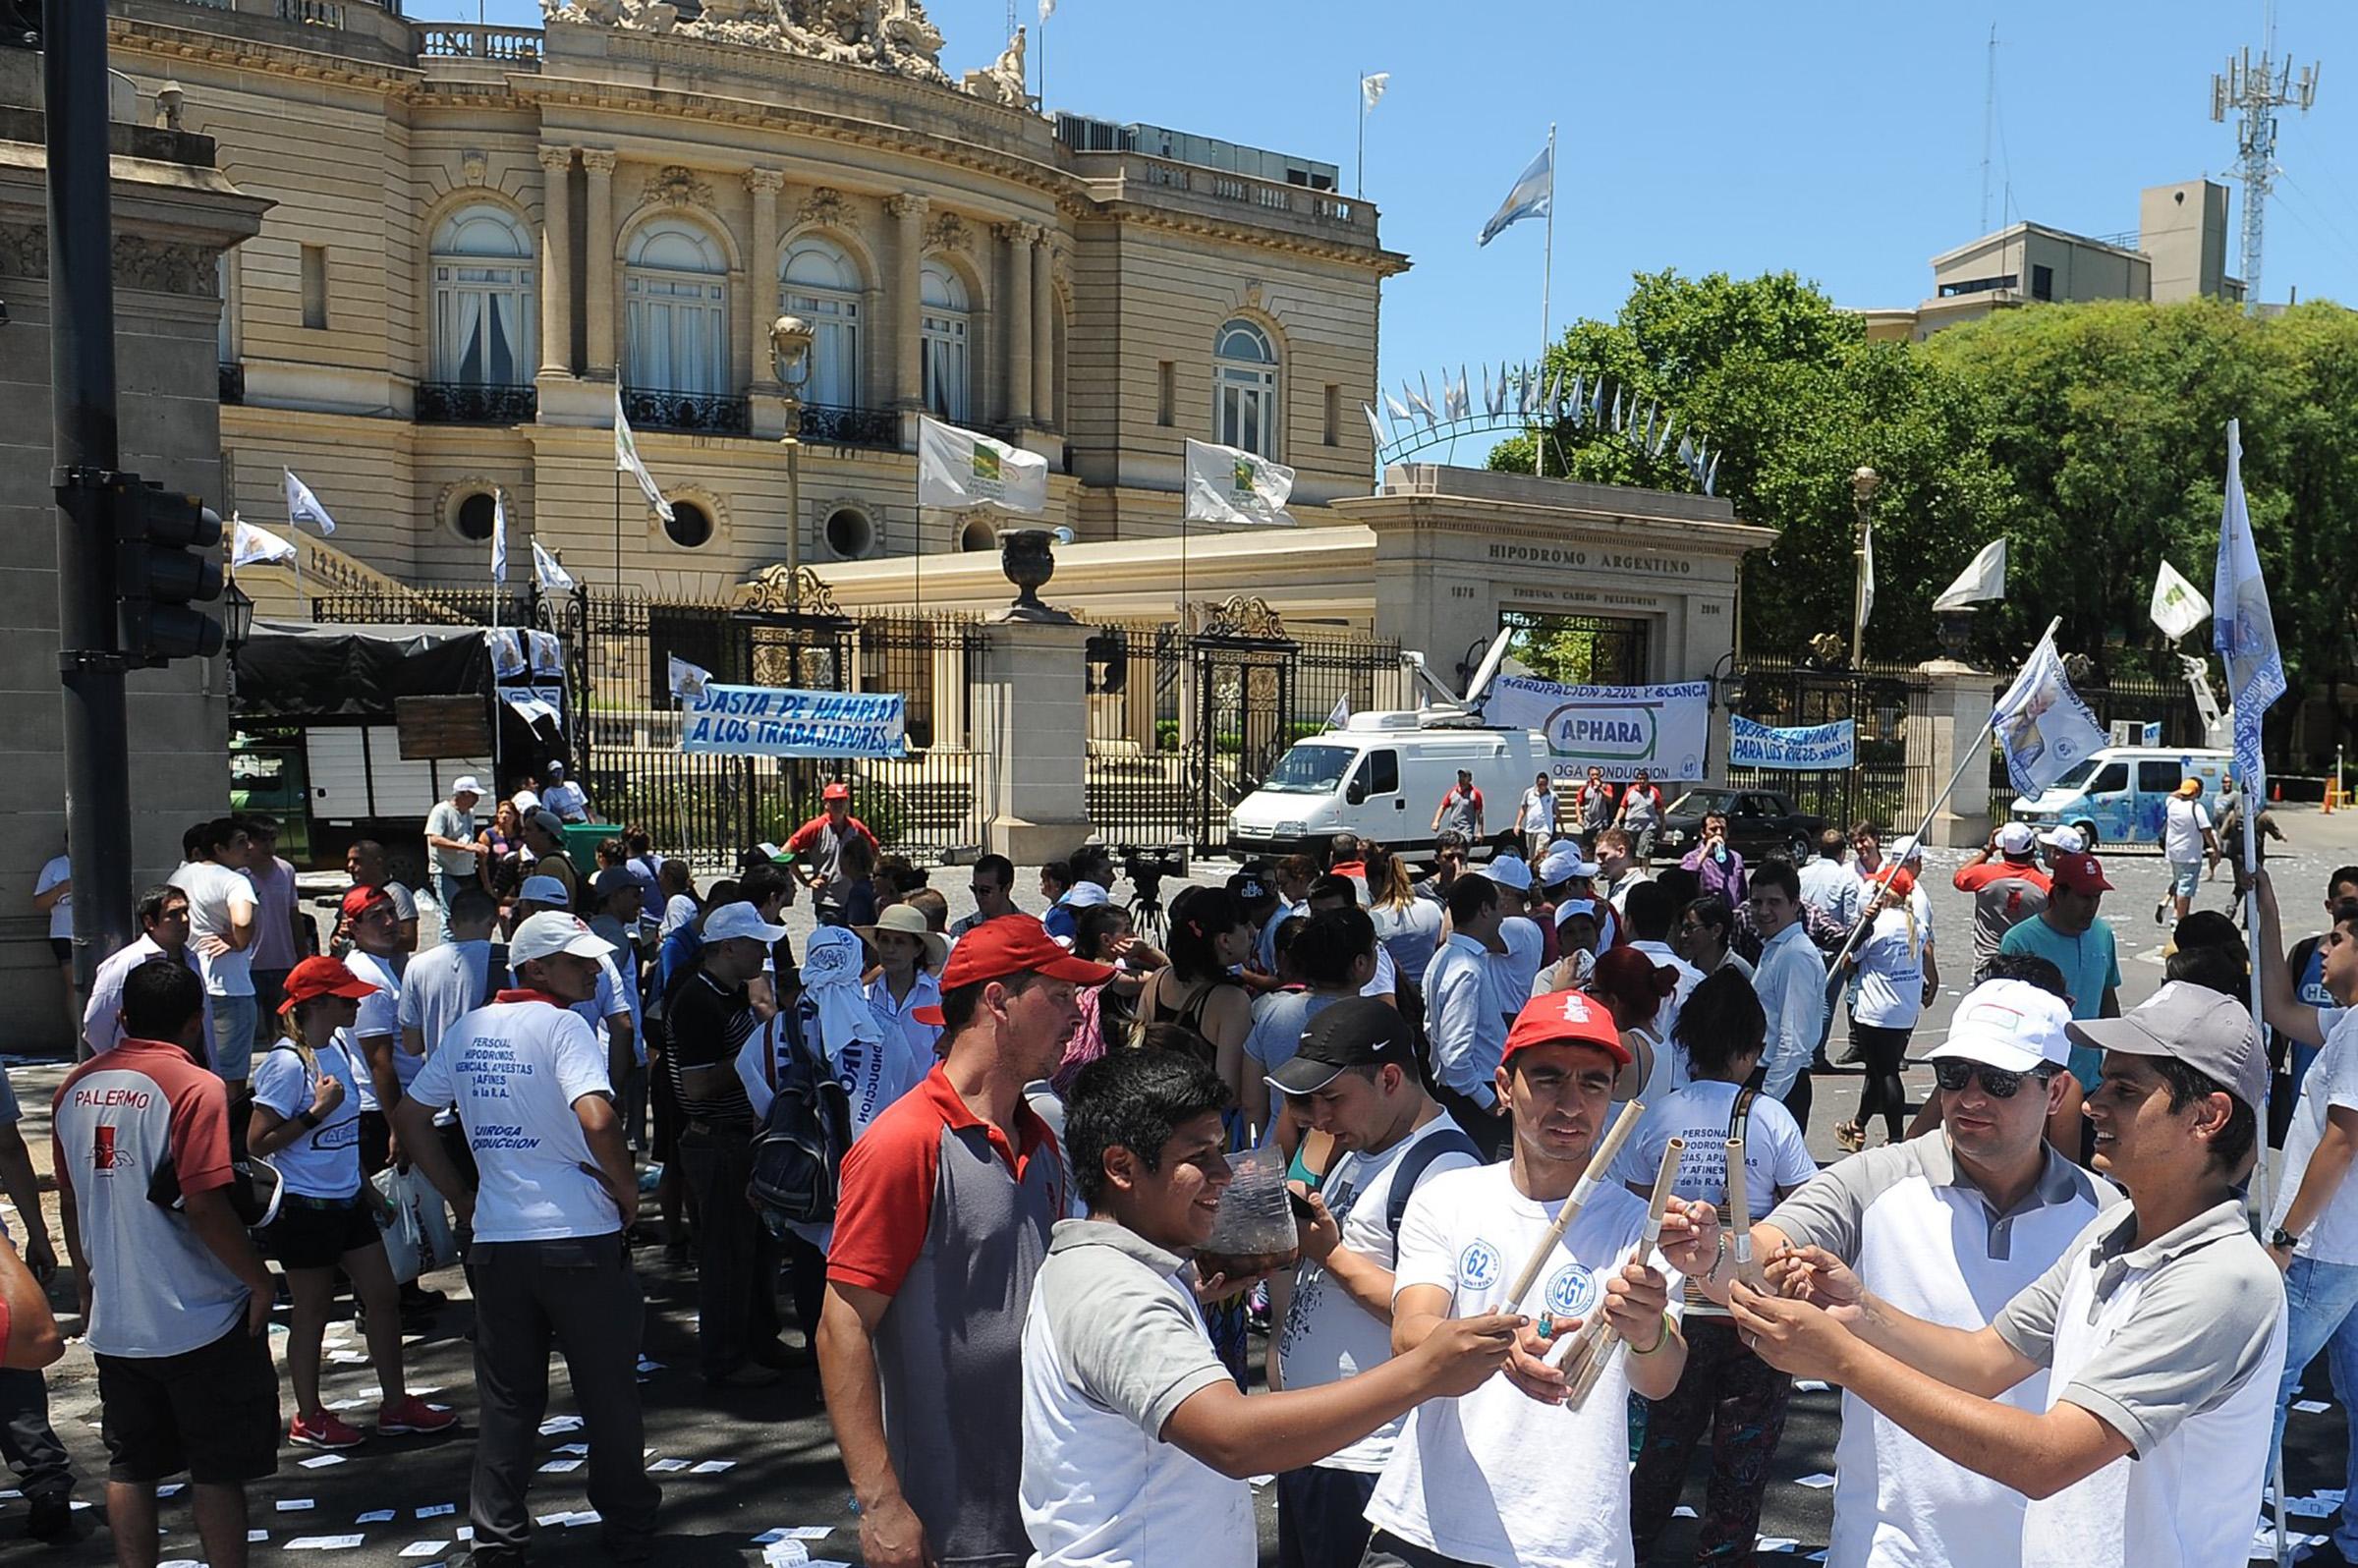 Reviven el impuesto al juego y los trabajadores lanzan una protesta nacional por temor a despidos